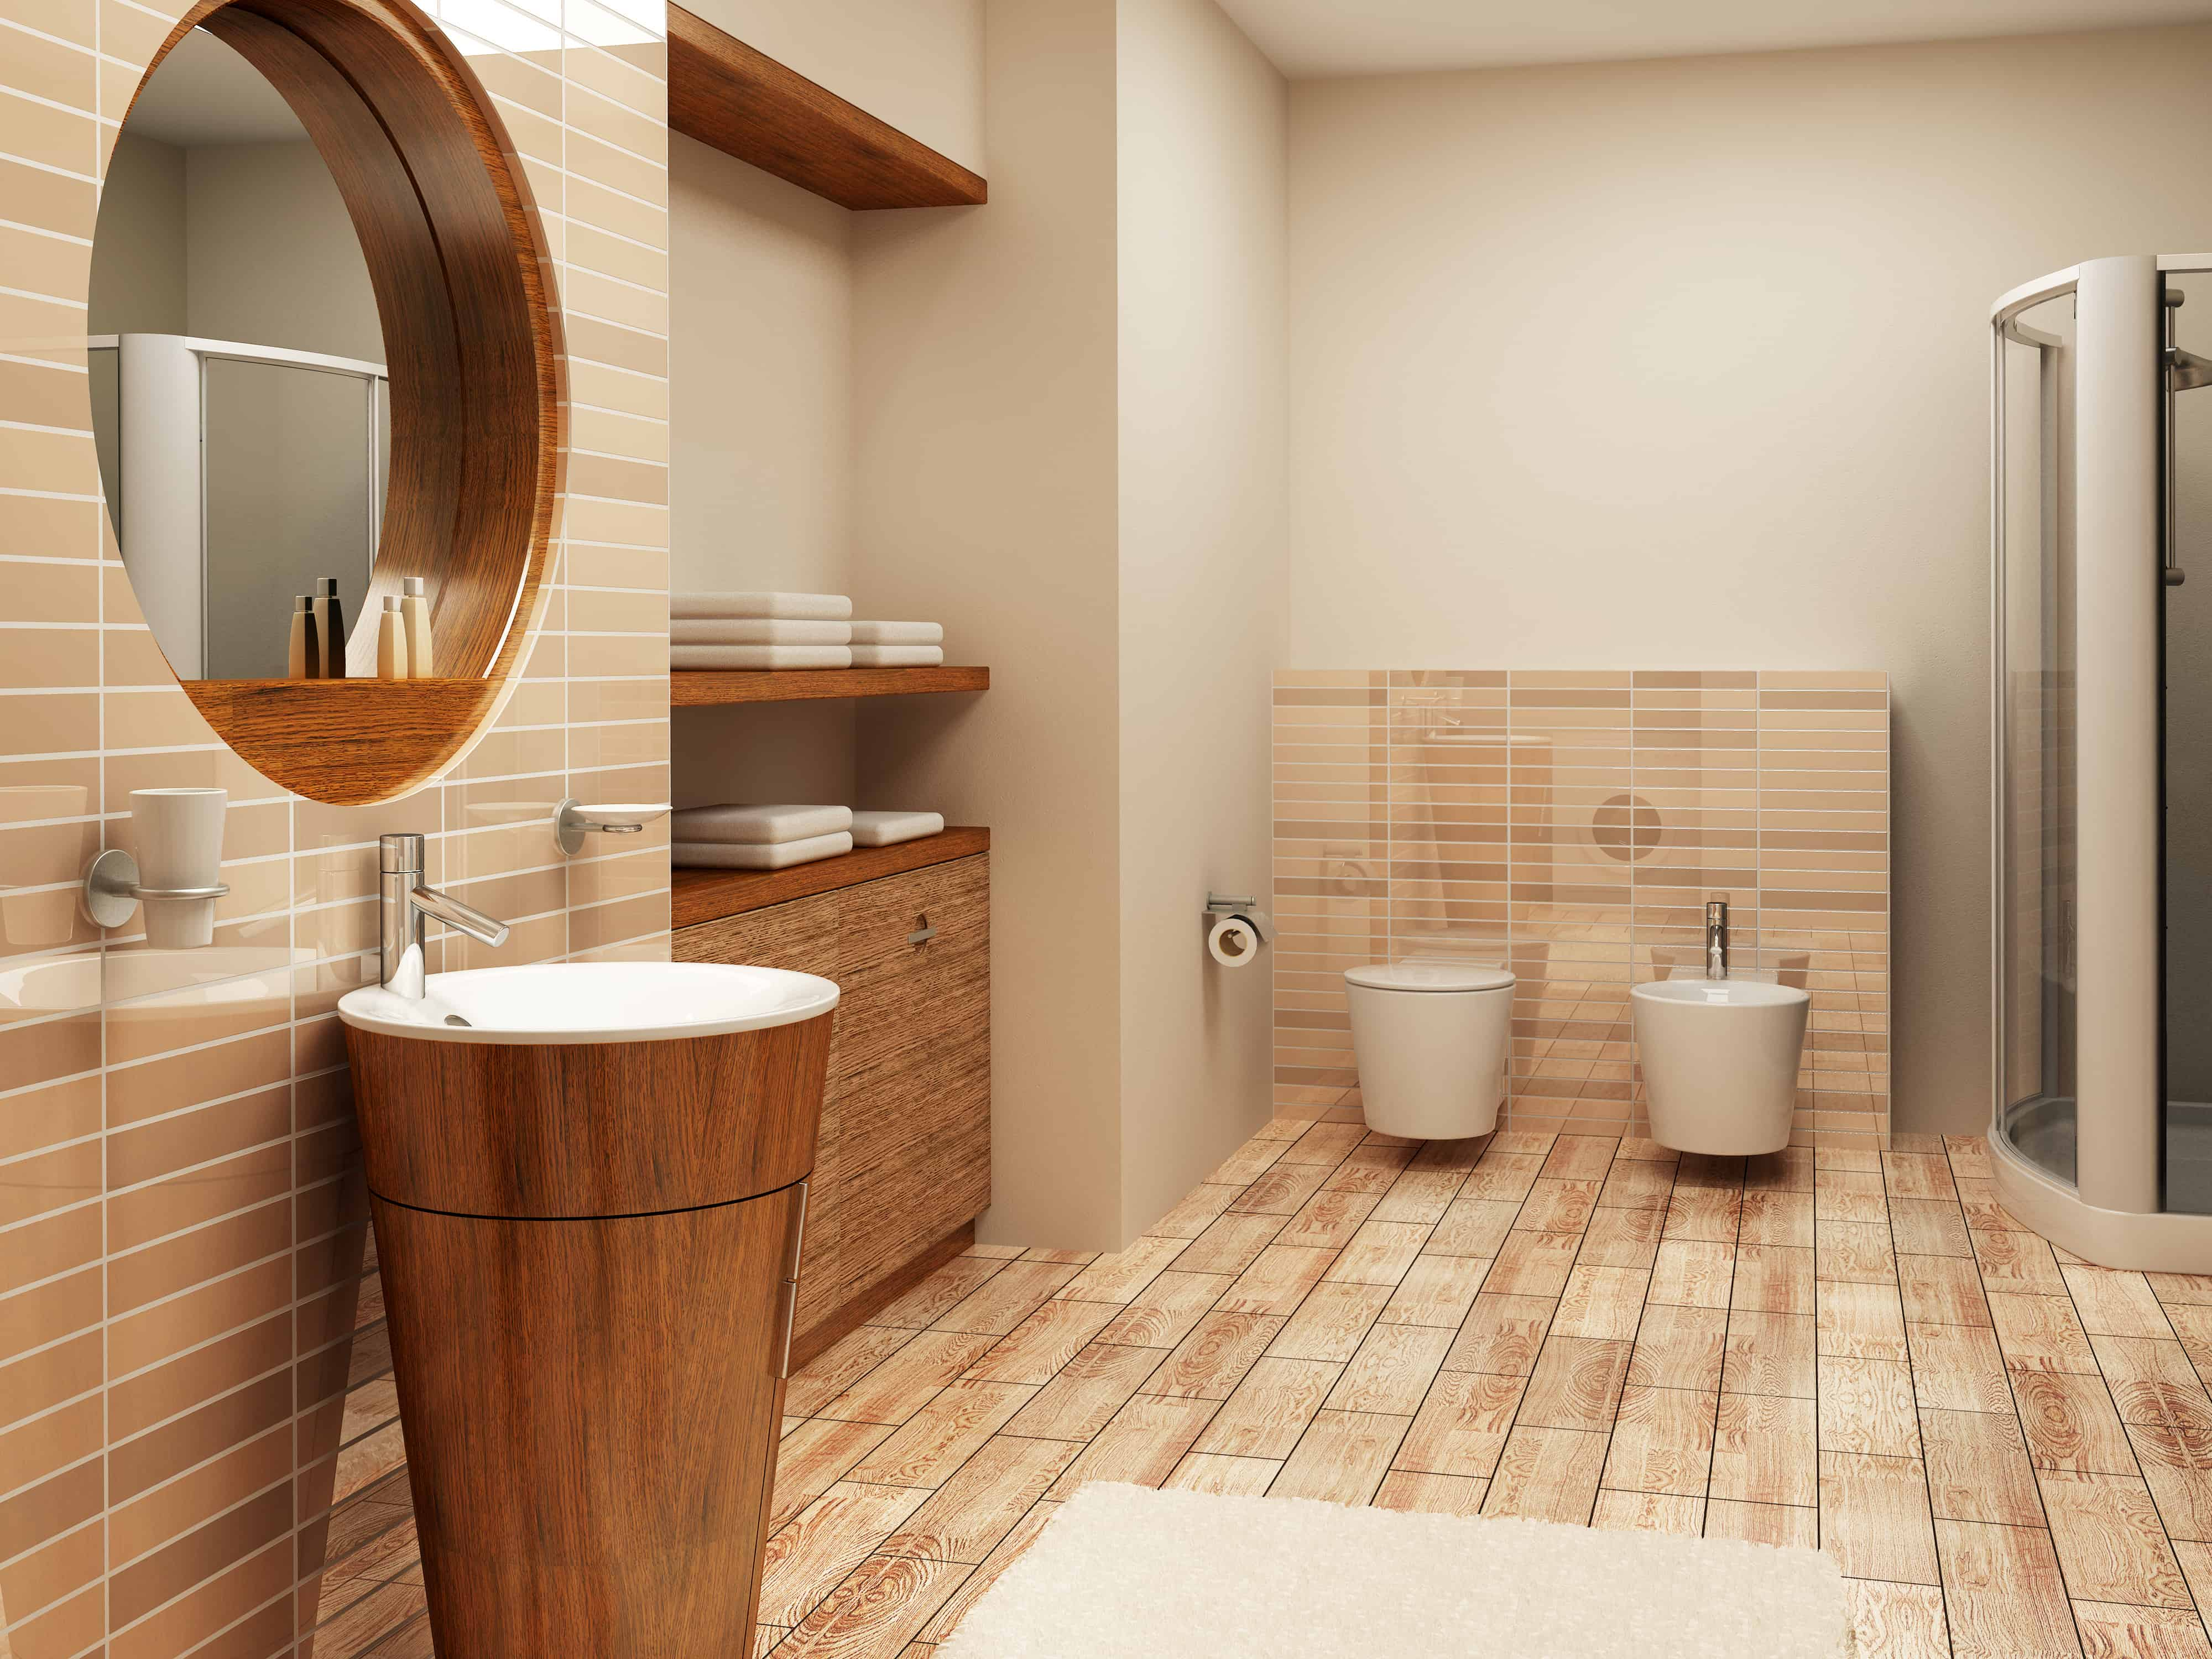 Nieuwe Badkamer Limburg : Badkamer opfrissen installeer nieuwe kranen badkamerrenovatie